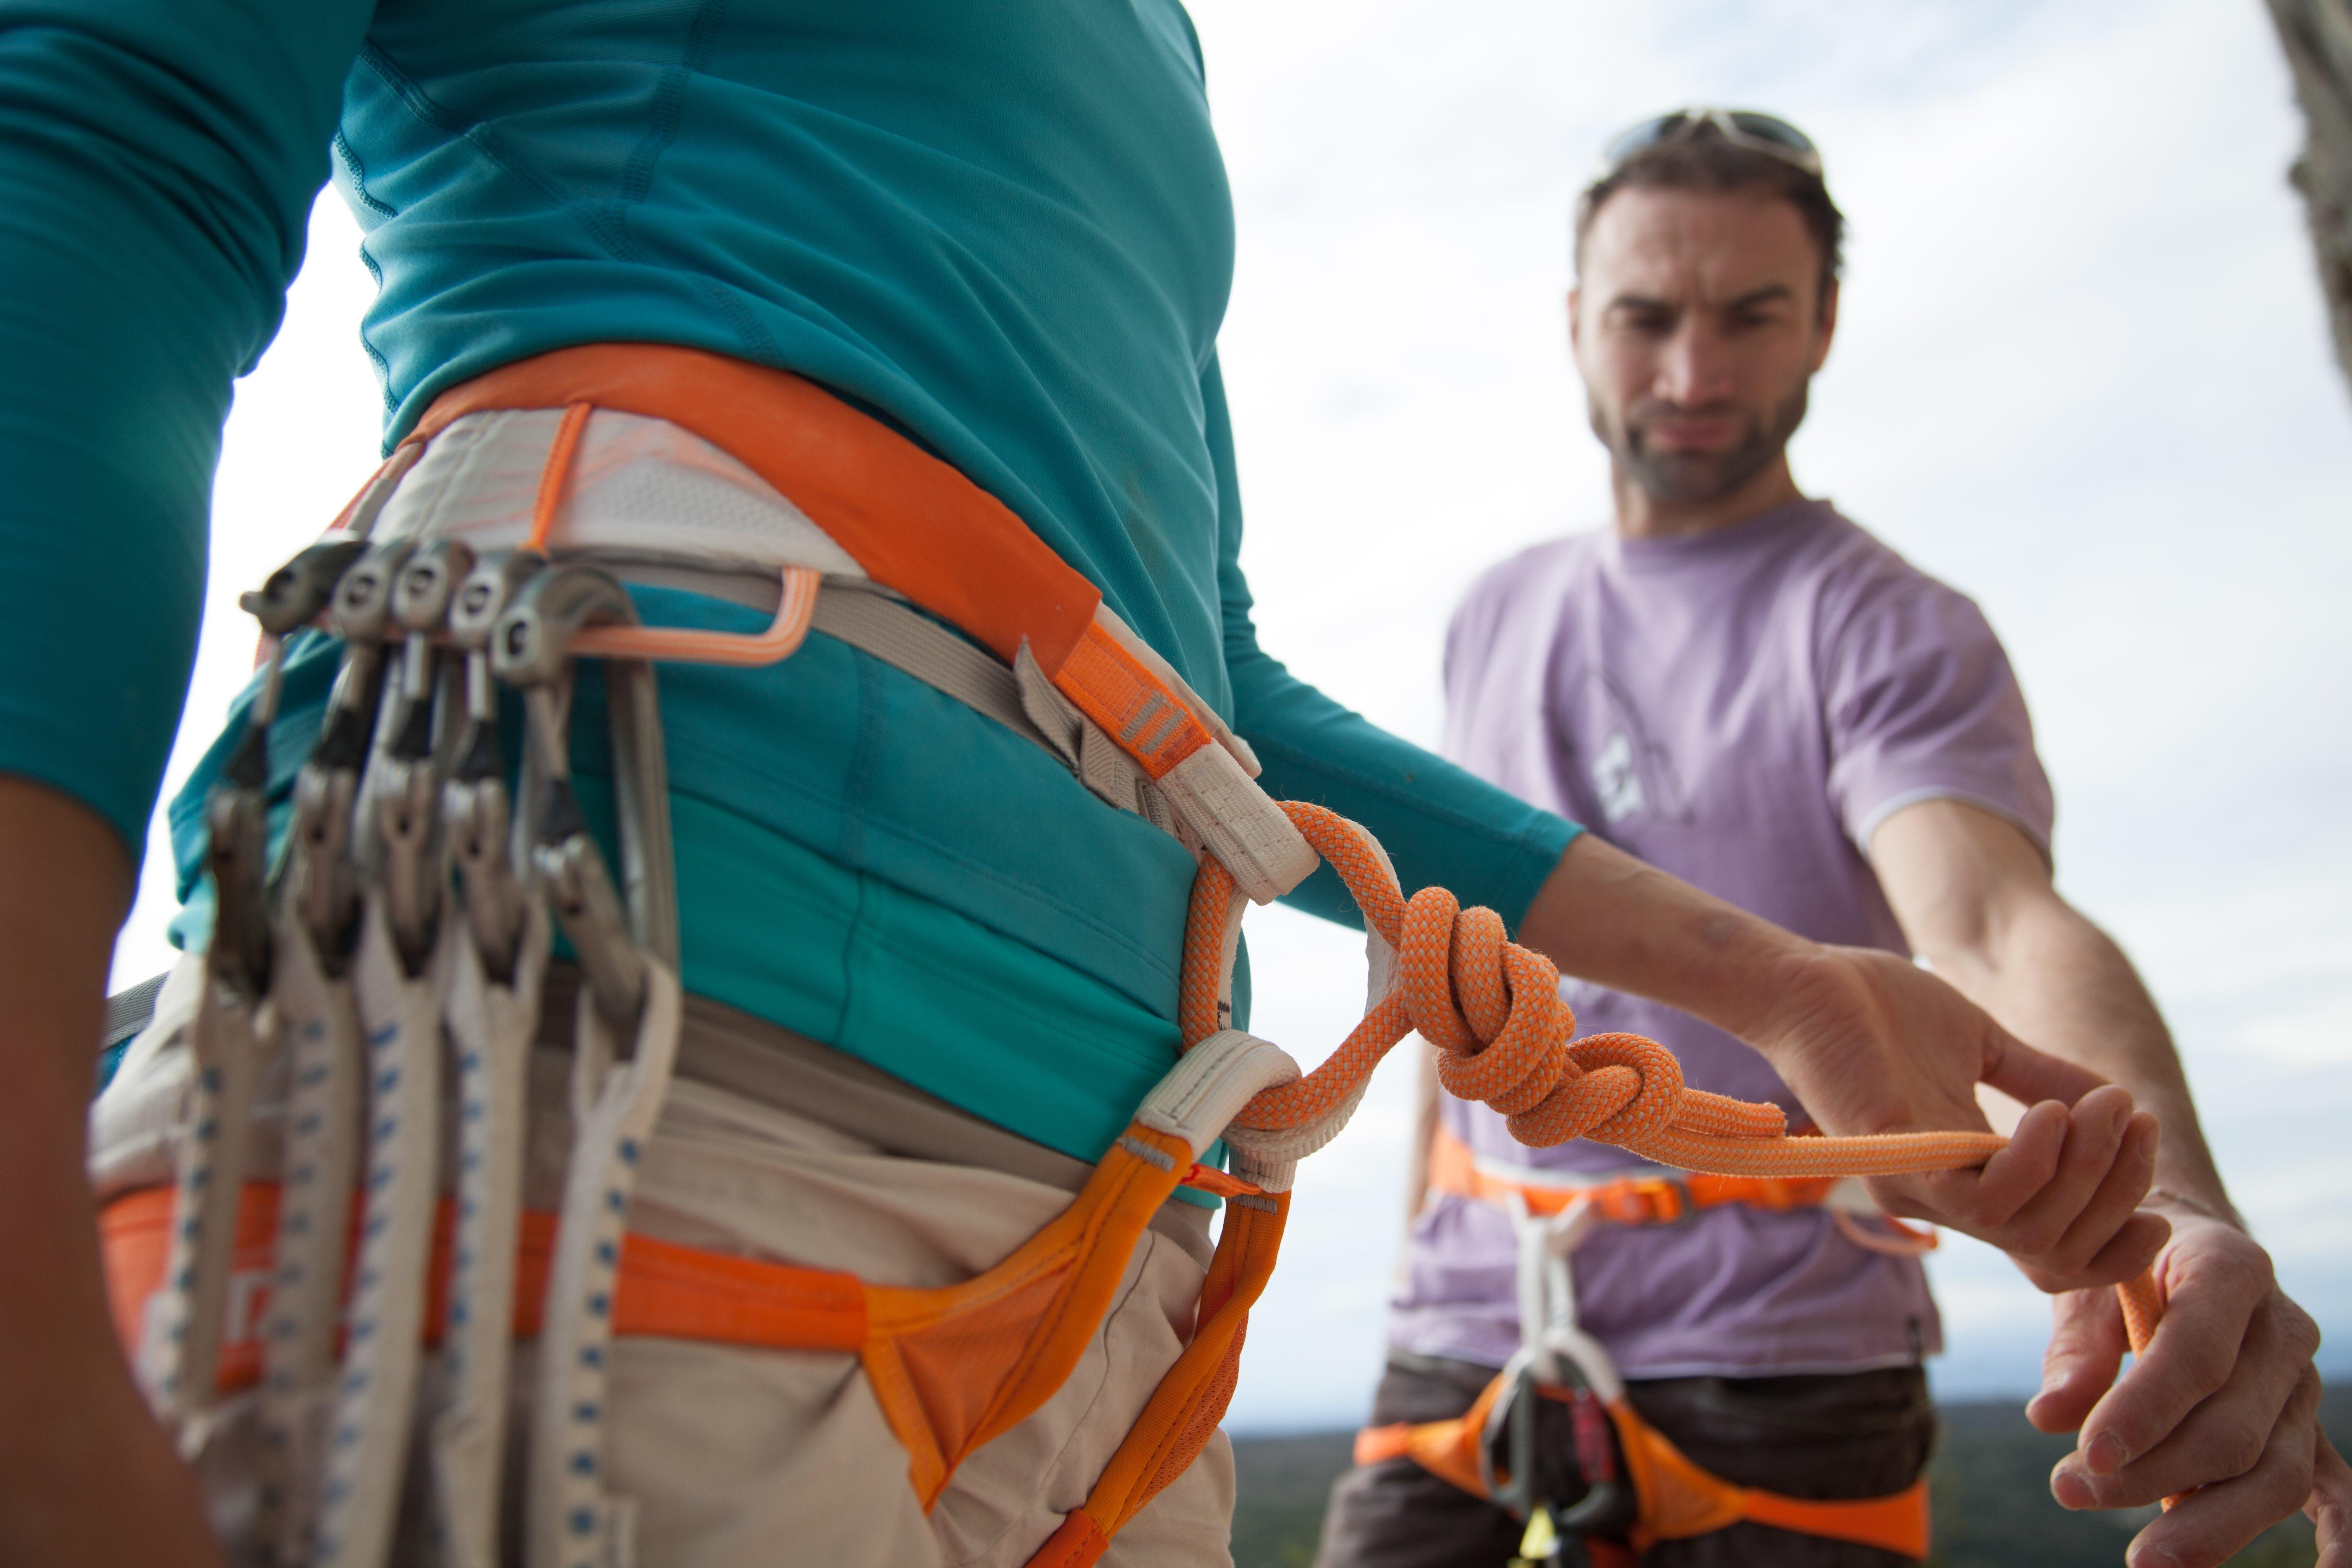 Kletterausrüstung Mammut : So wird klettern noch sicherer